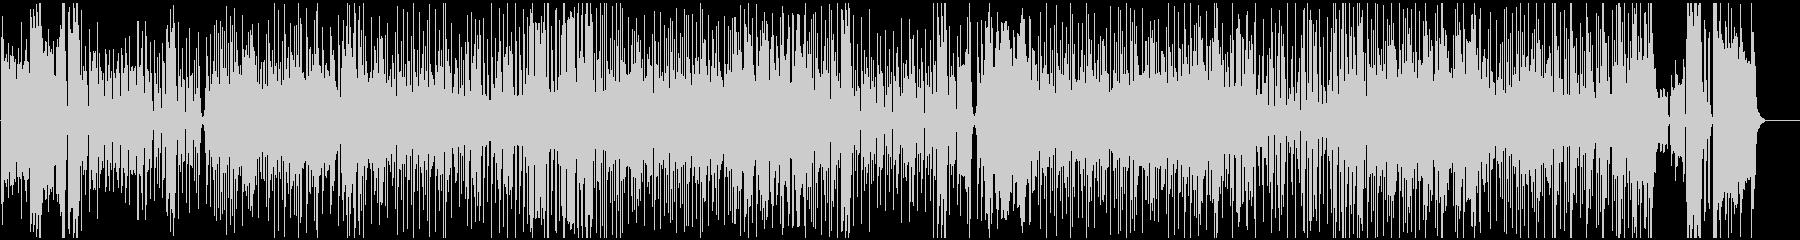 アップテンボなハウスミュージックの未再生の波形